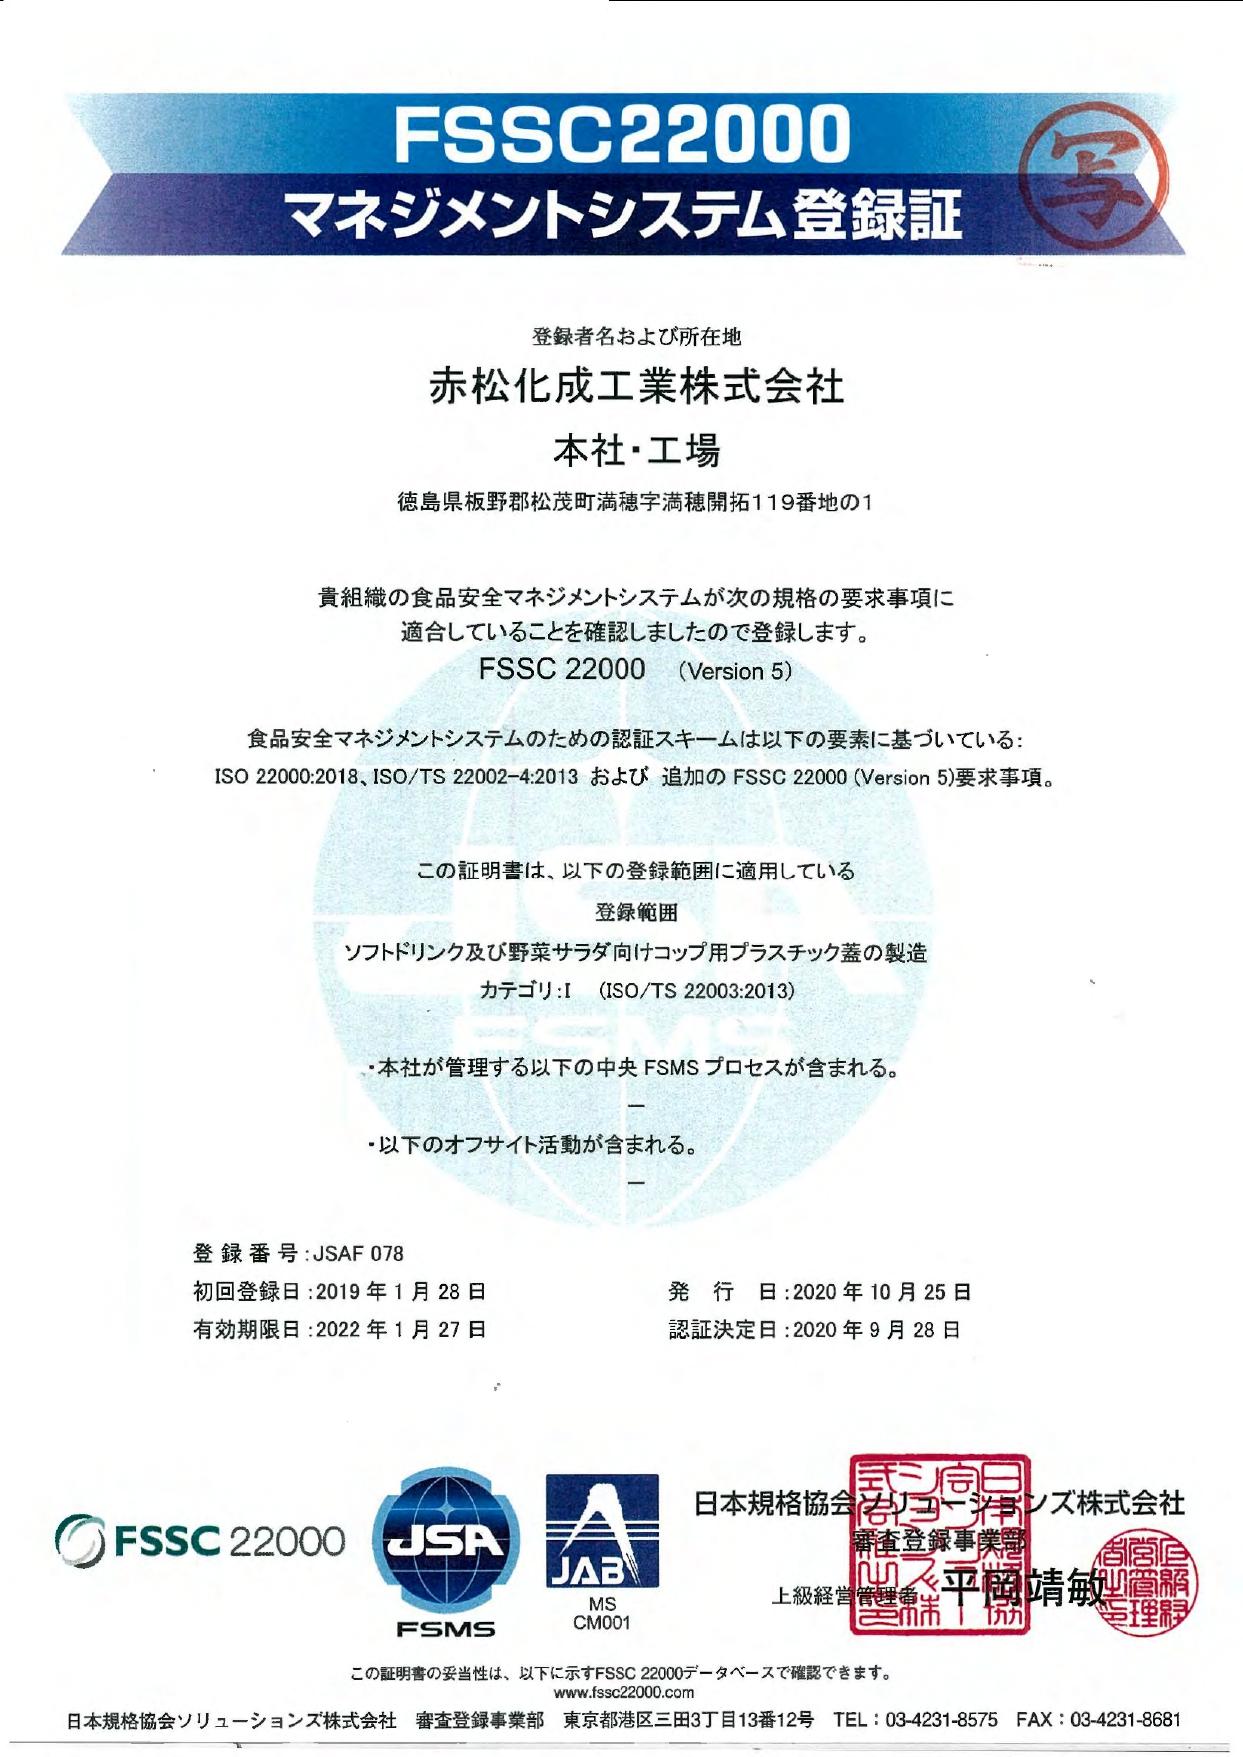 FSSC22000 マネジメントシステム登録証